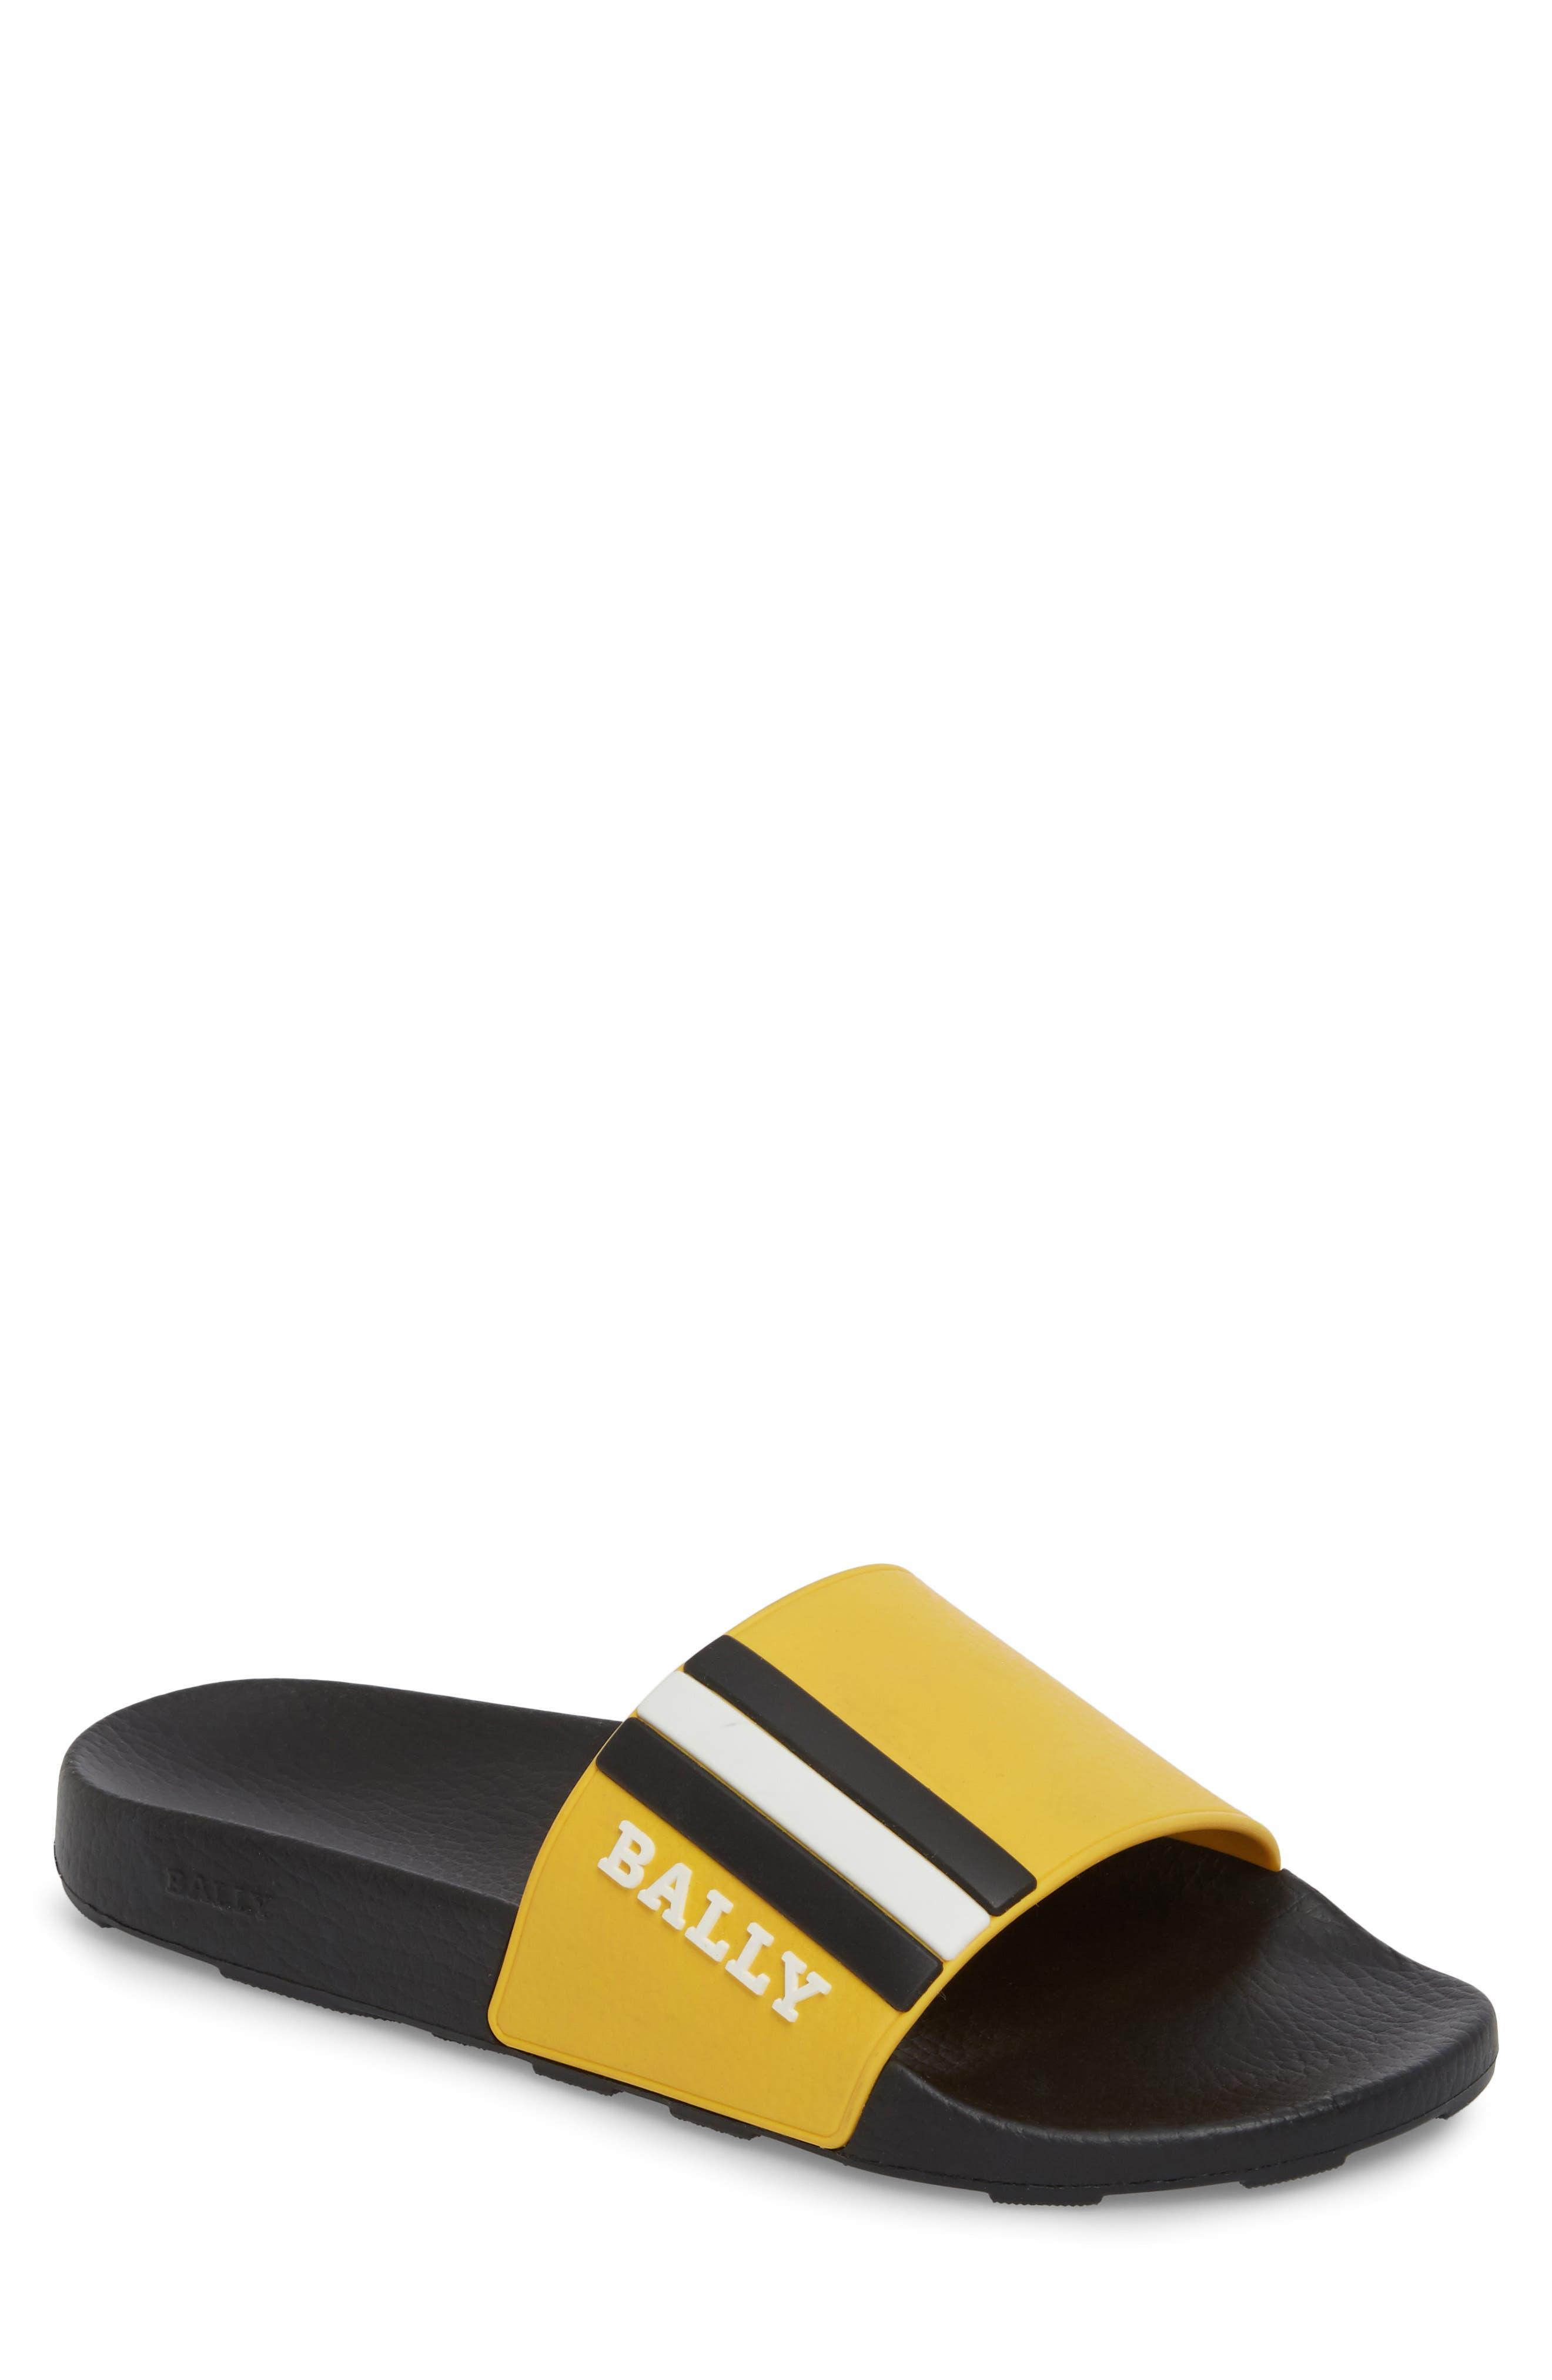 Saxor Slide Sandal,                             Main thumbnail 1, color,                             Kodak